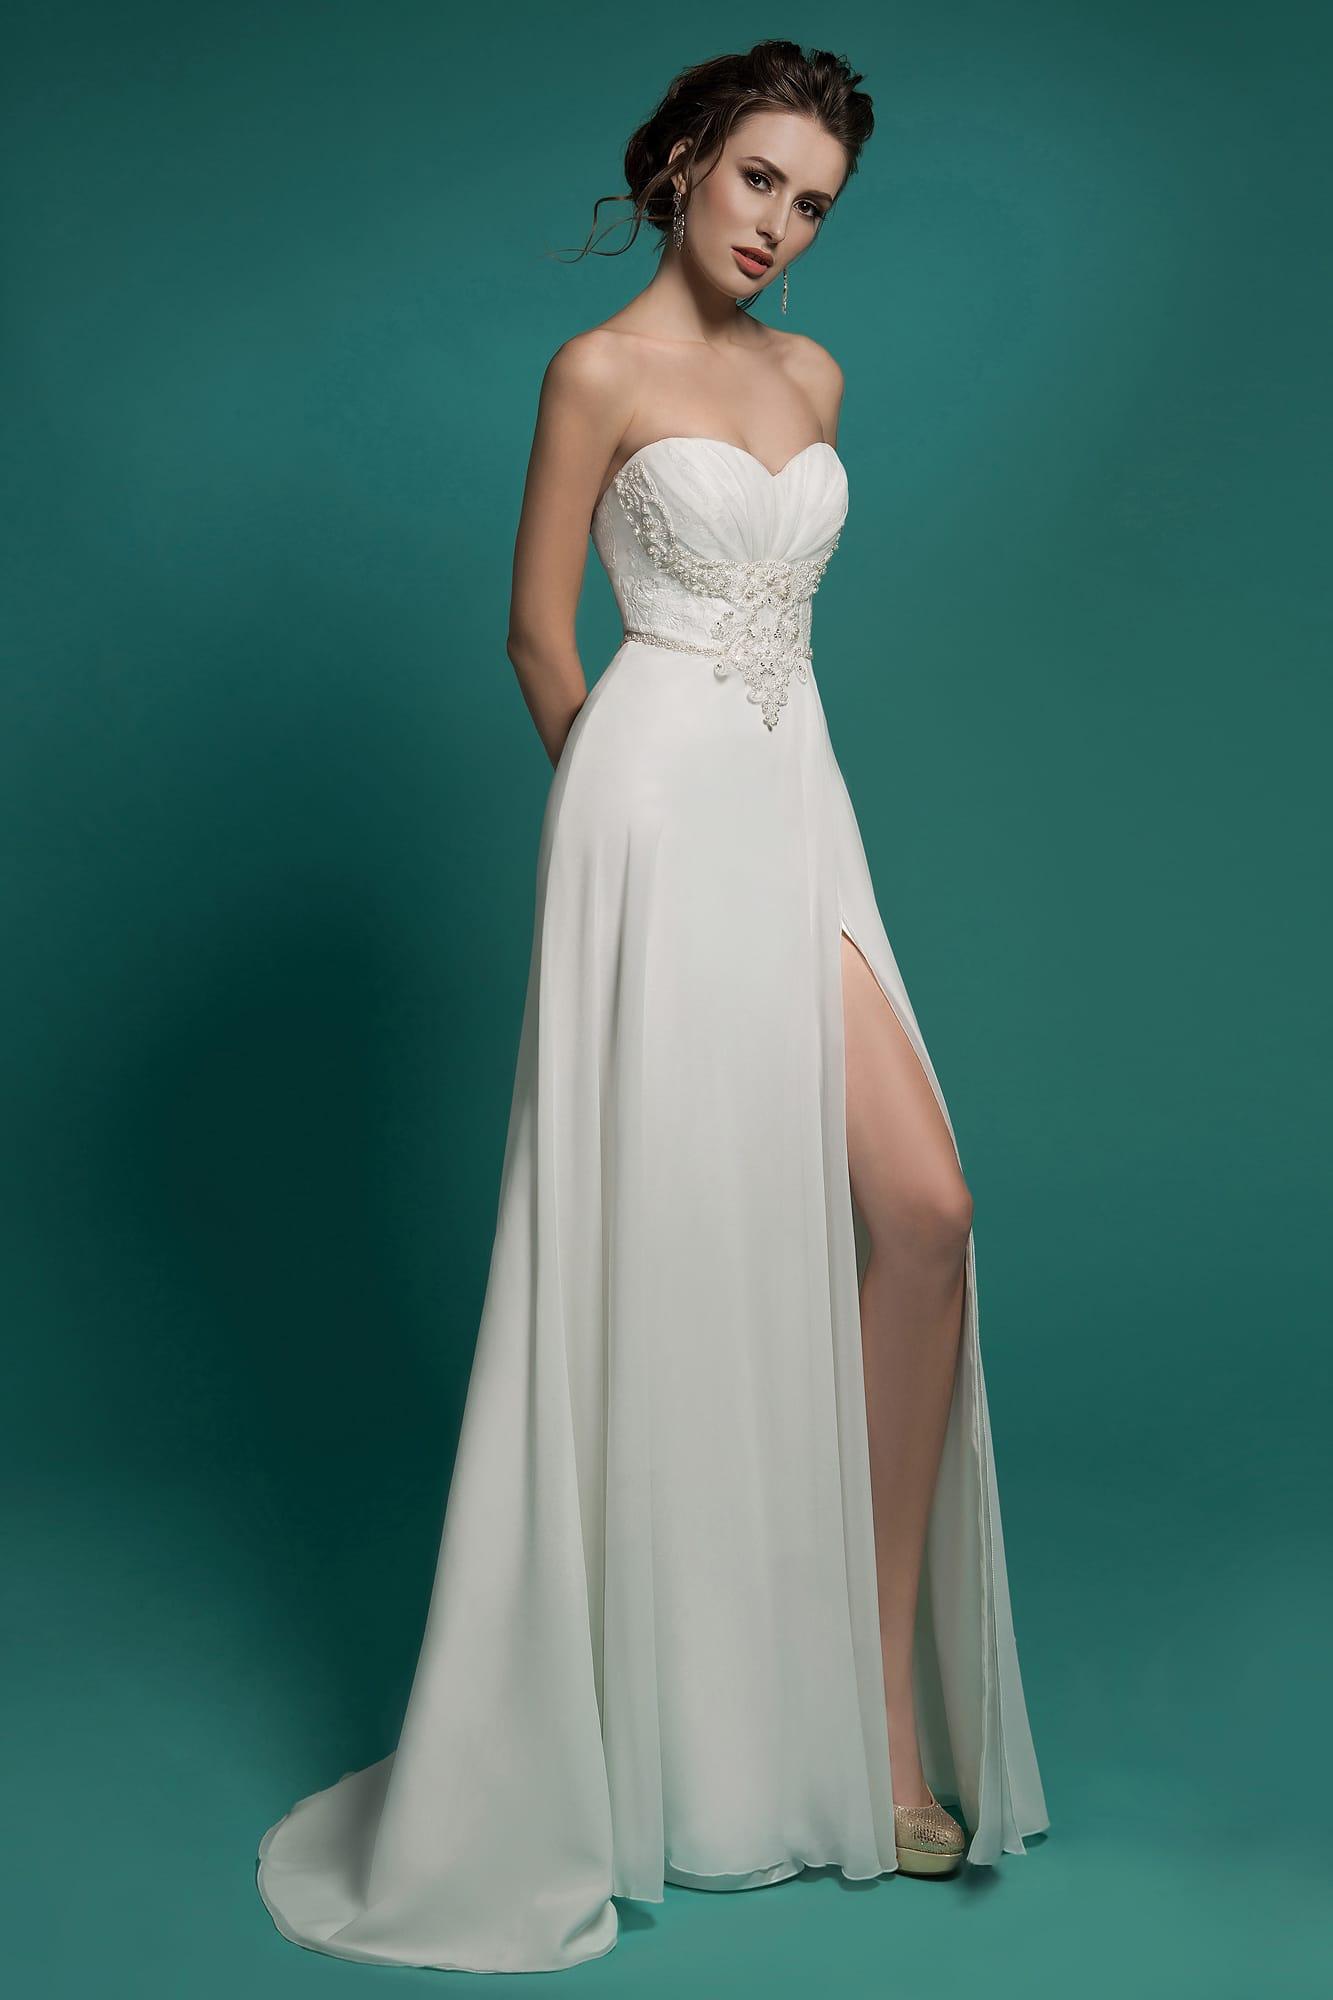 6b06f028227 Прямое свадебное платье с открытым лифом-сердечком и отделкой из драпировок  и аппликаций.